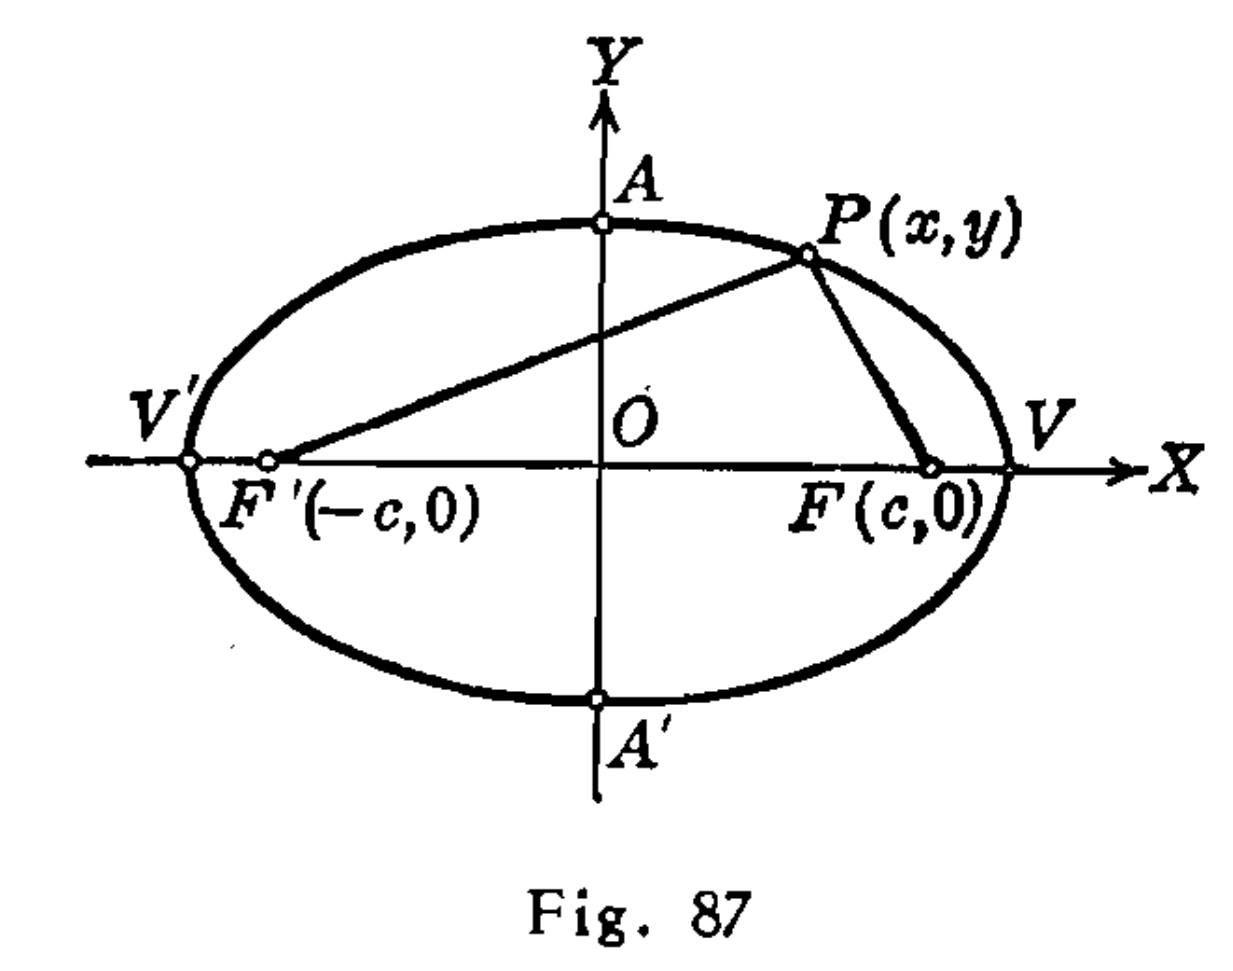 El único Caso Especial Es Cuando El Centro De La Elipse Tiene Las Coordenadas 0 0 La Elipse